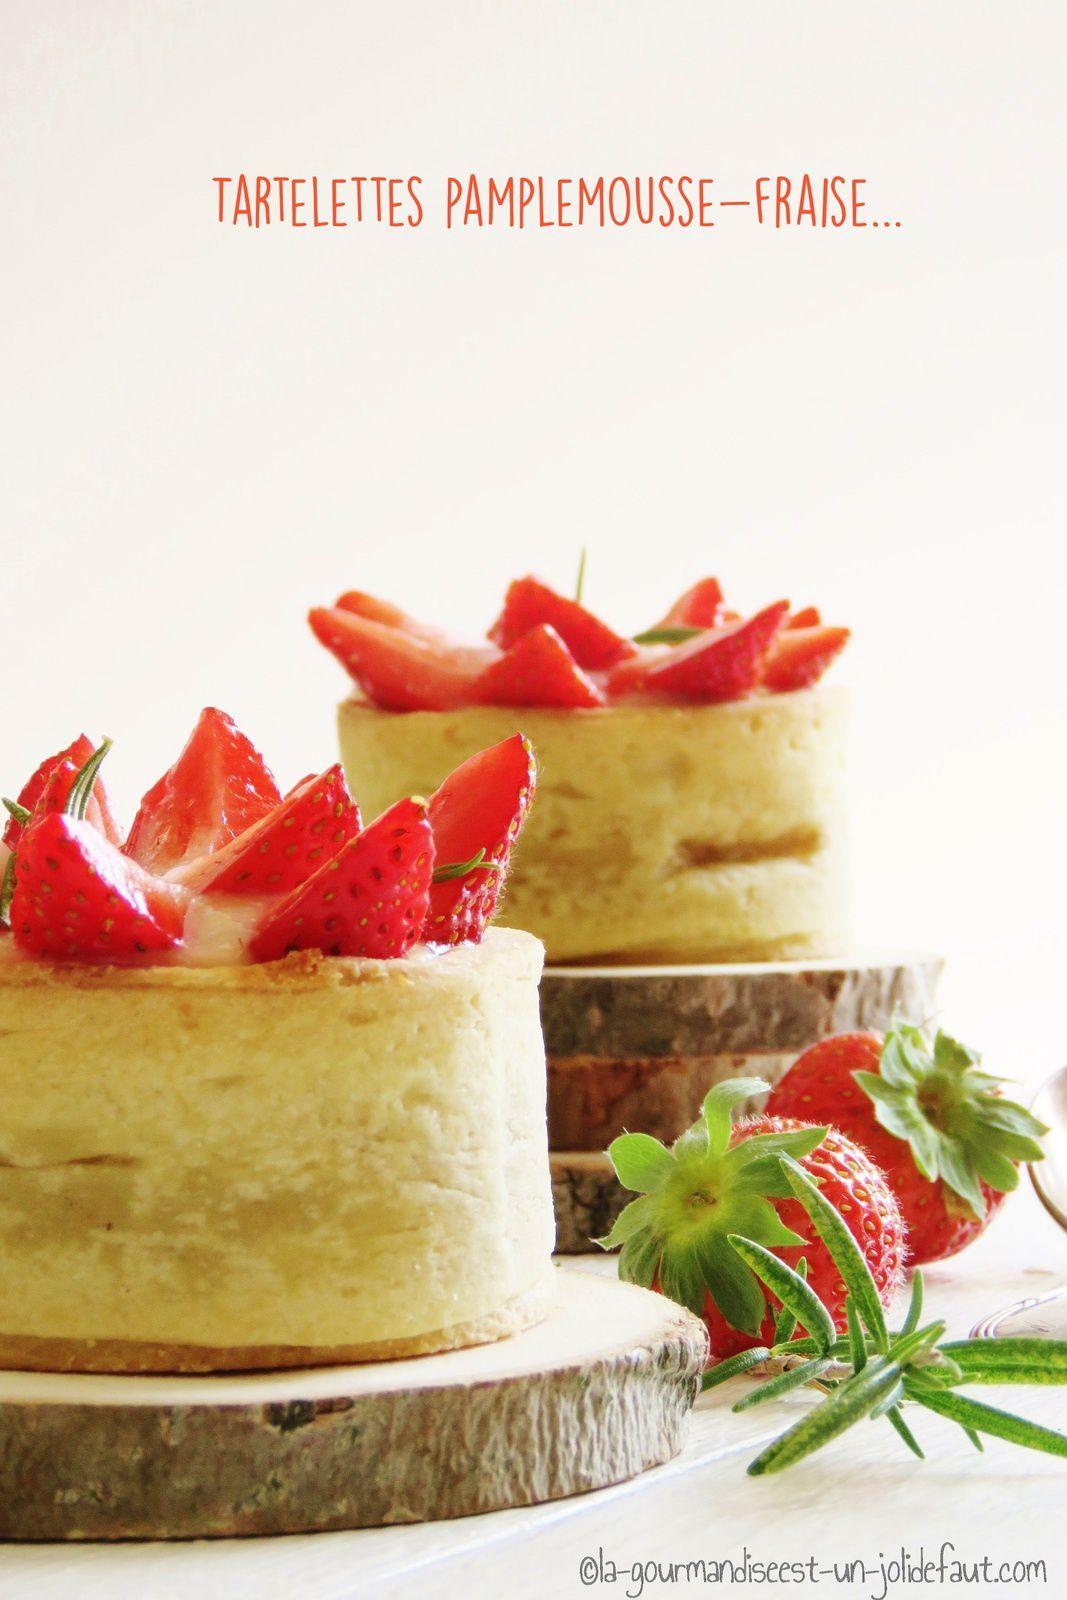 Tartelettes pamplemousse-fraise